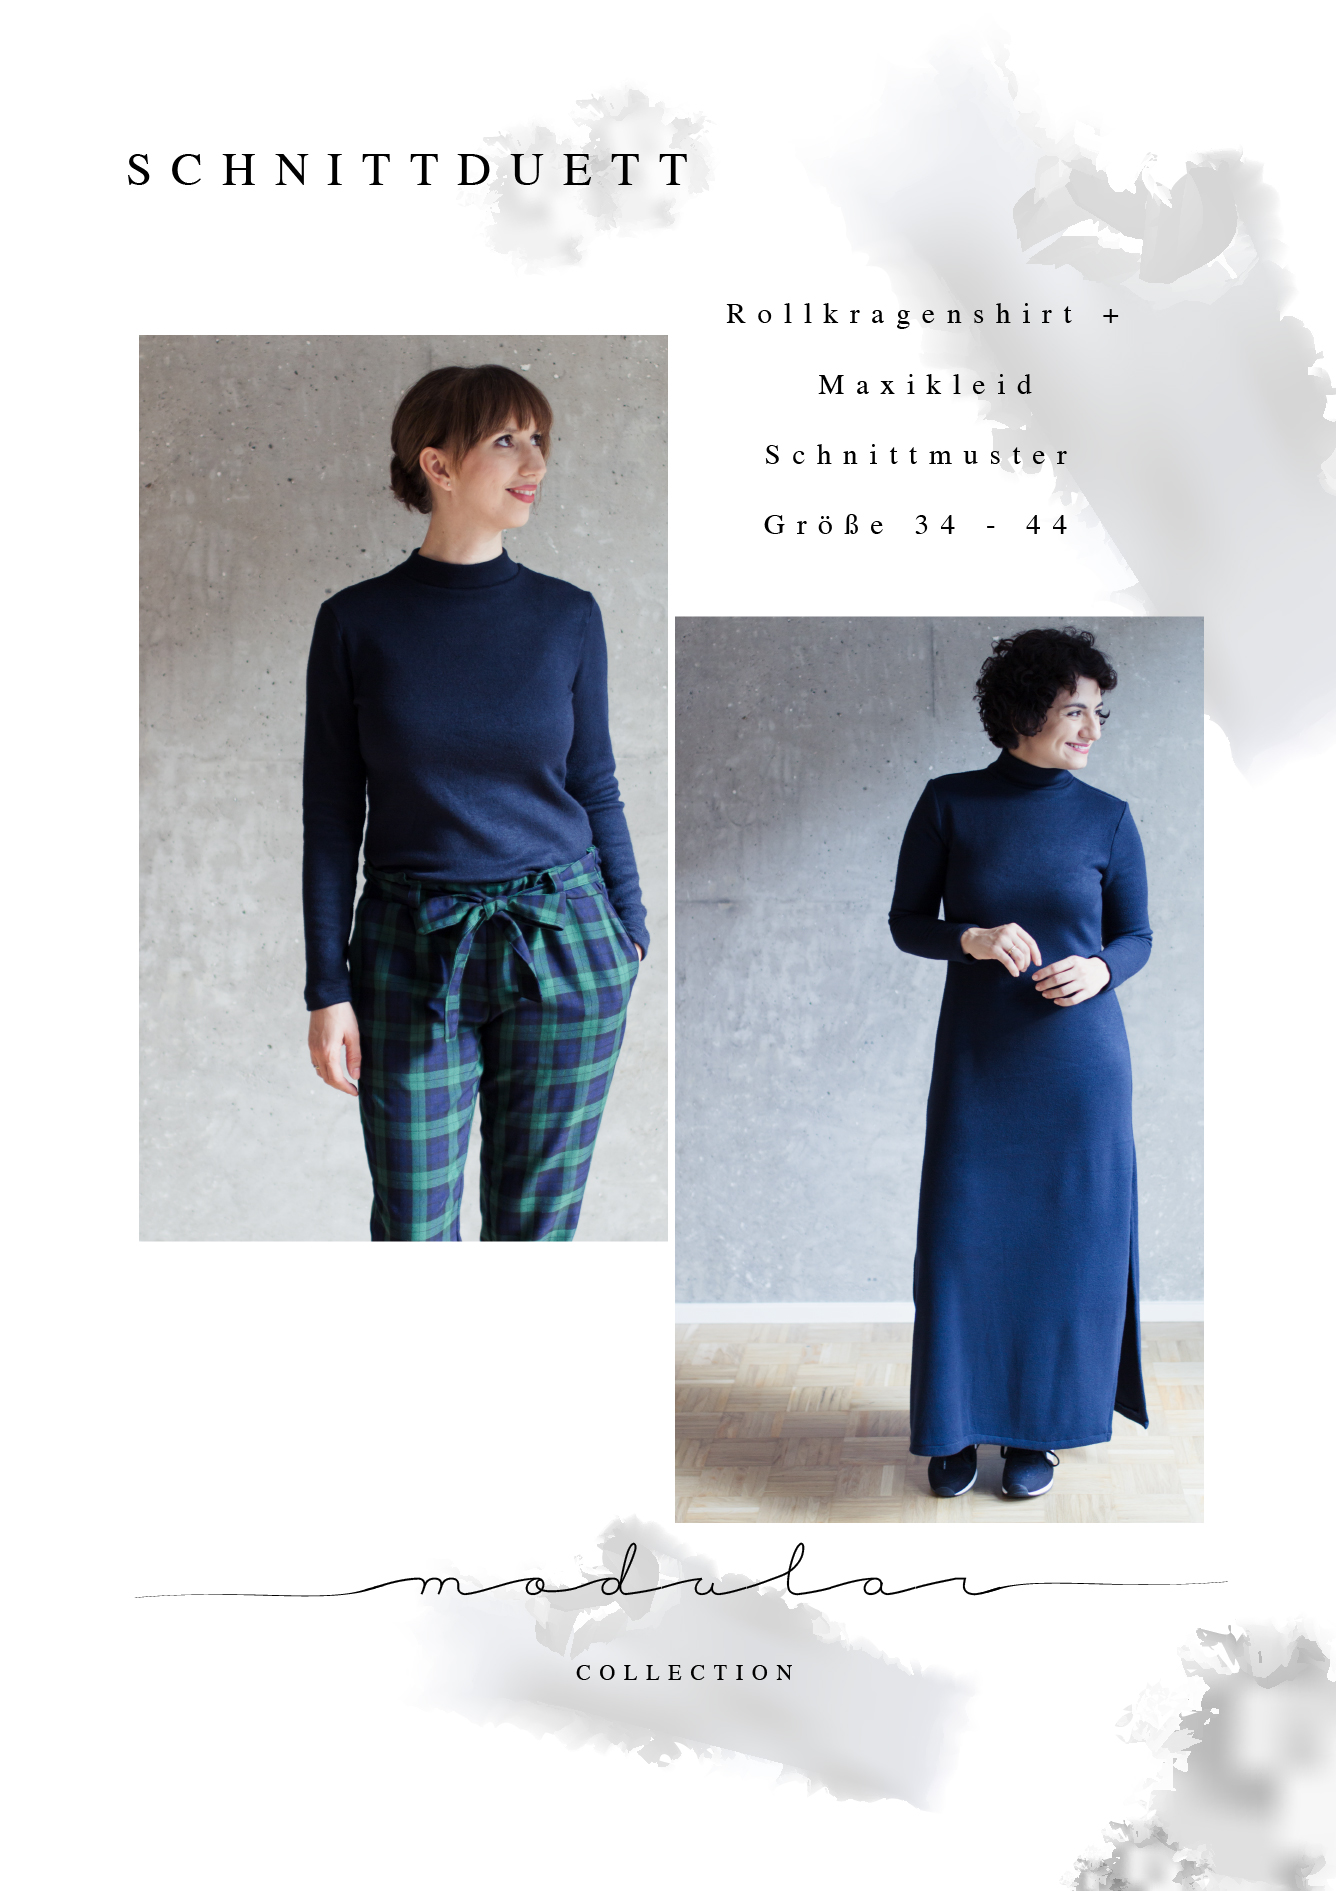 Schnittmuster Rollkragenpullover und Maxikleid Modular Collection - Schnittduett - Moderne Schnittmuster für Frauen, die minimalistische Mode lieben